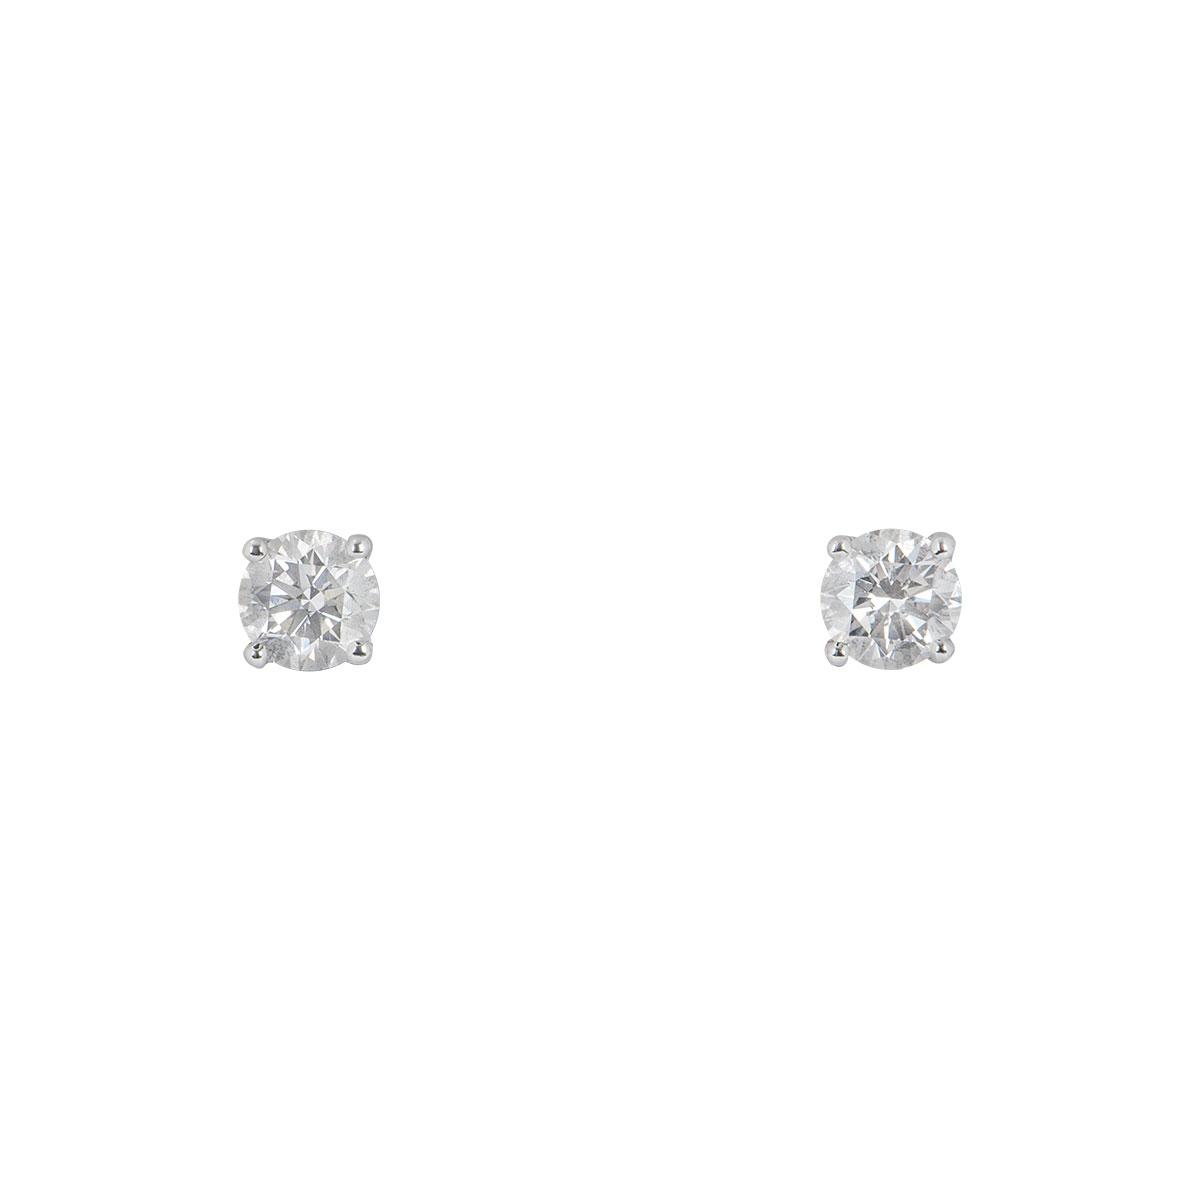 White Gold Diamond Stud Earrings 0.90ct TDW